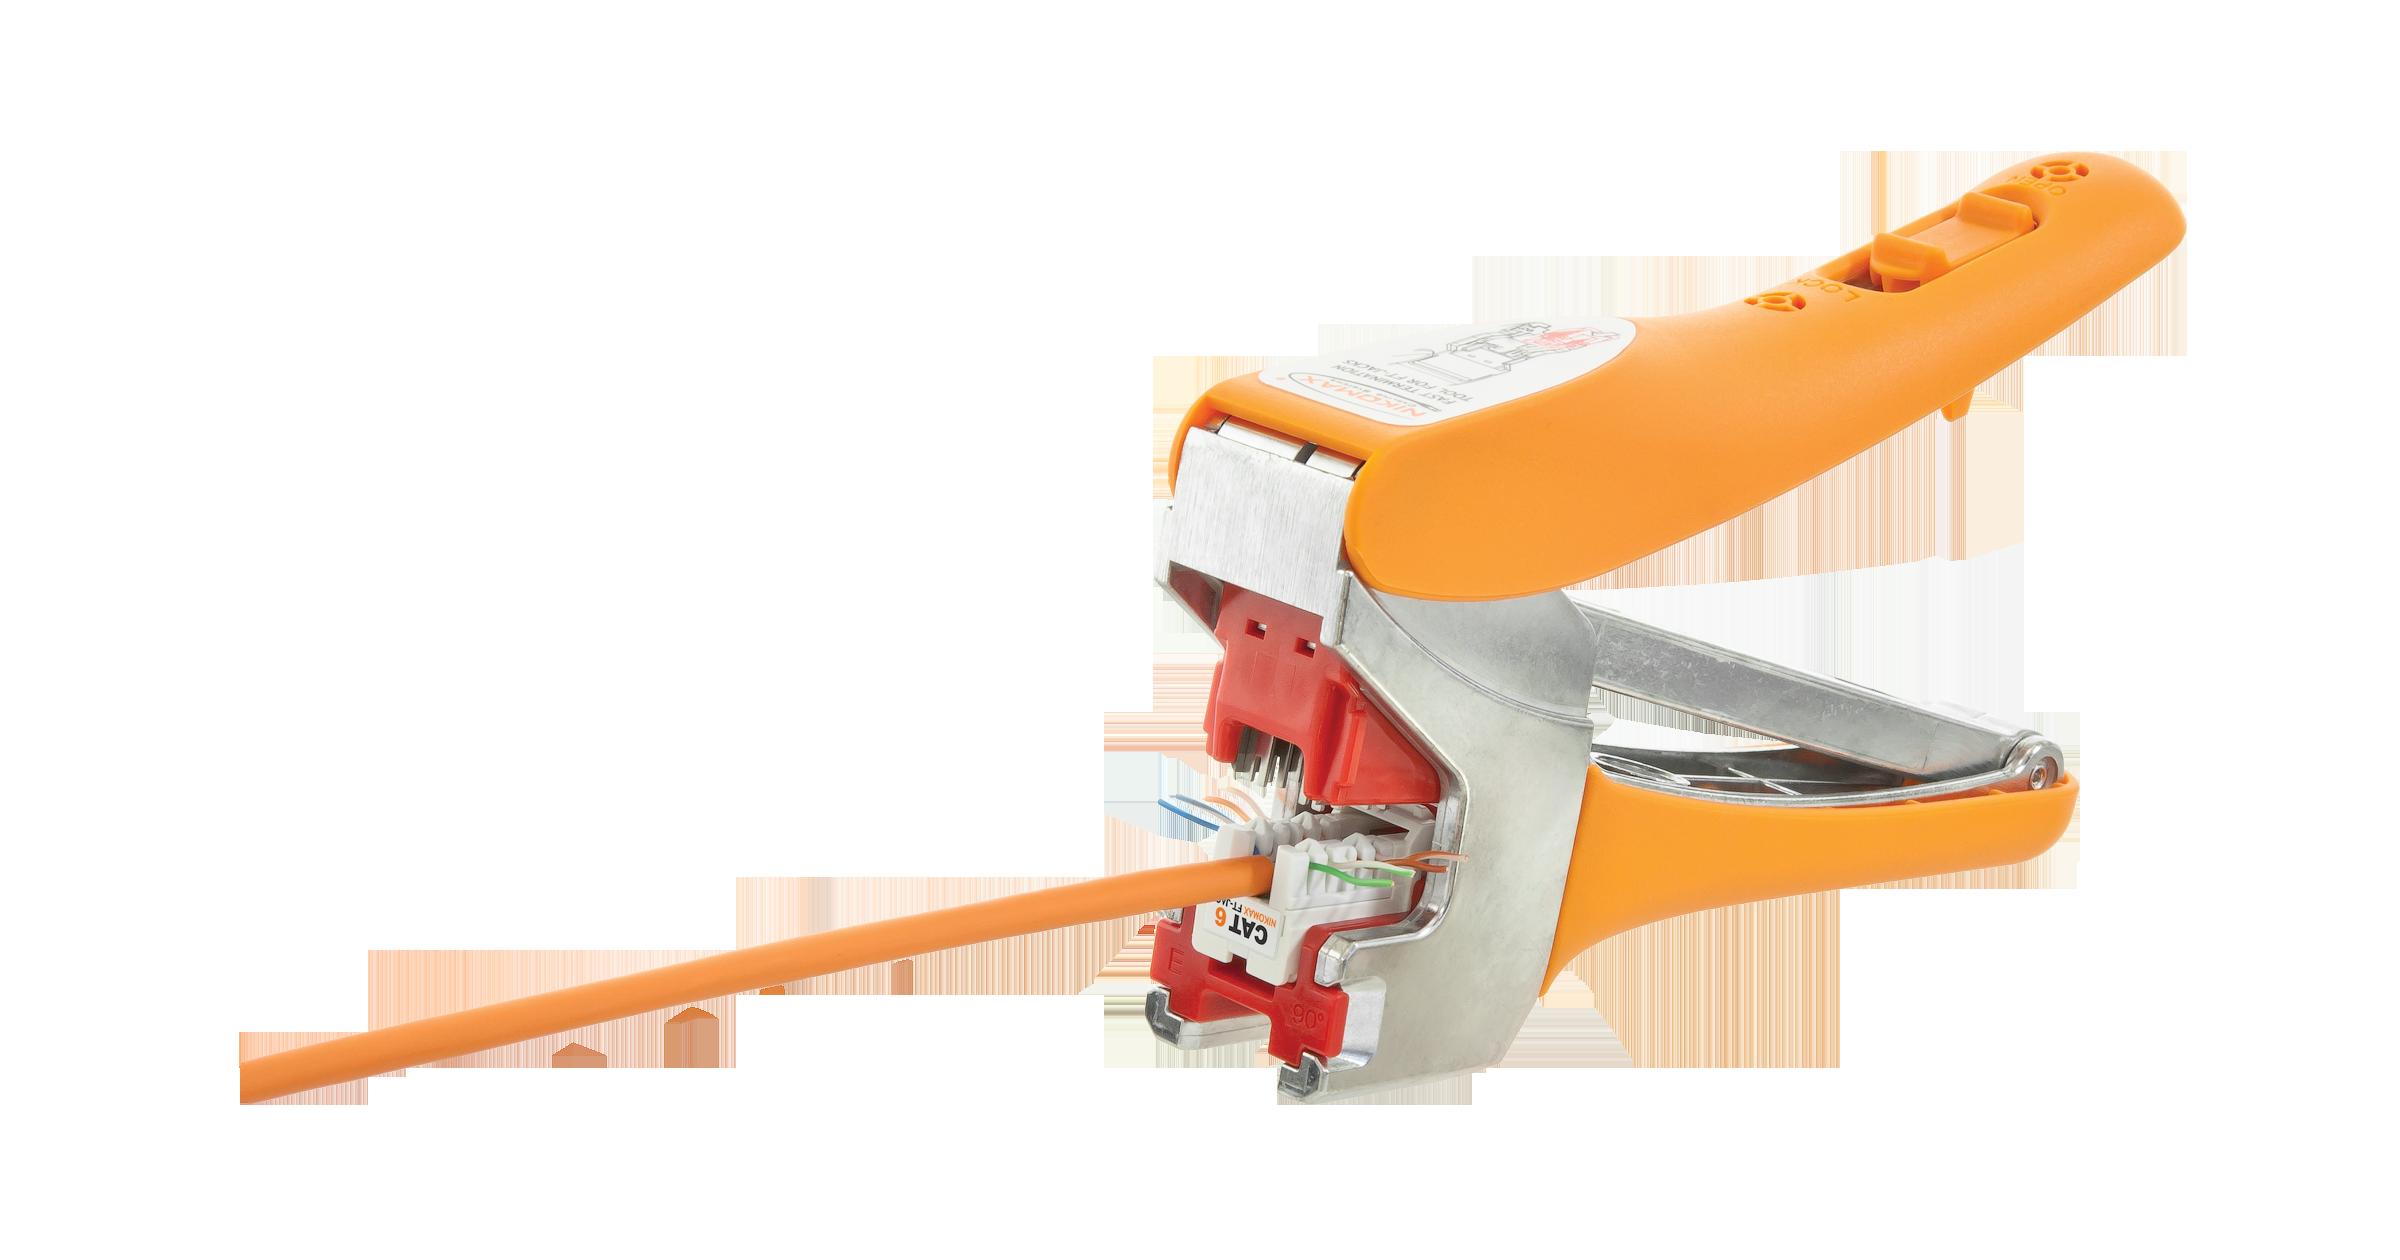 Инструмент NIKOMAX для быстрой заделки коммутационных модулей-вставок типа Keystone системы Fast Termination, серий: FT, AN, LS, 2 насадки в комплекте